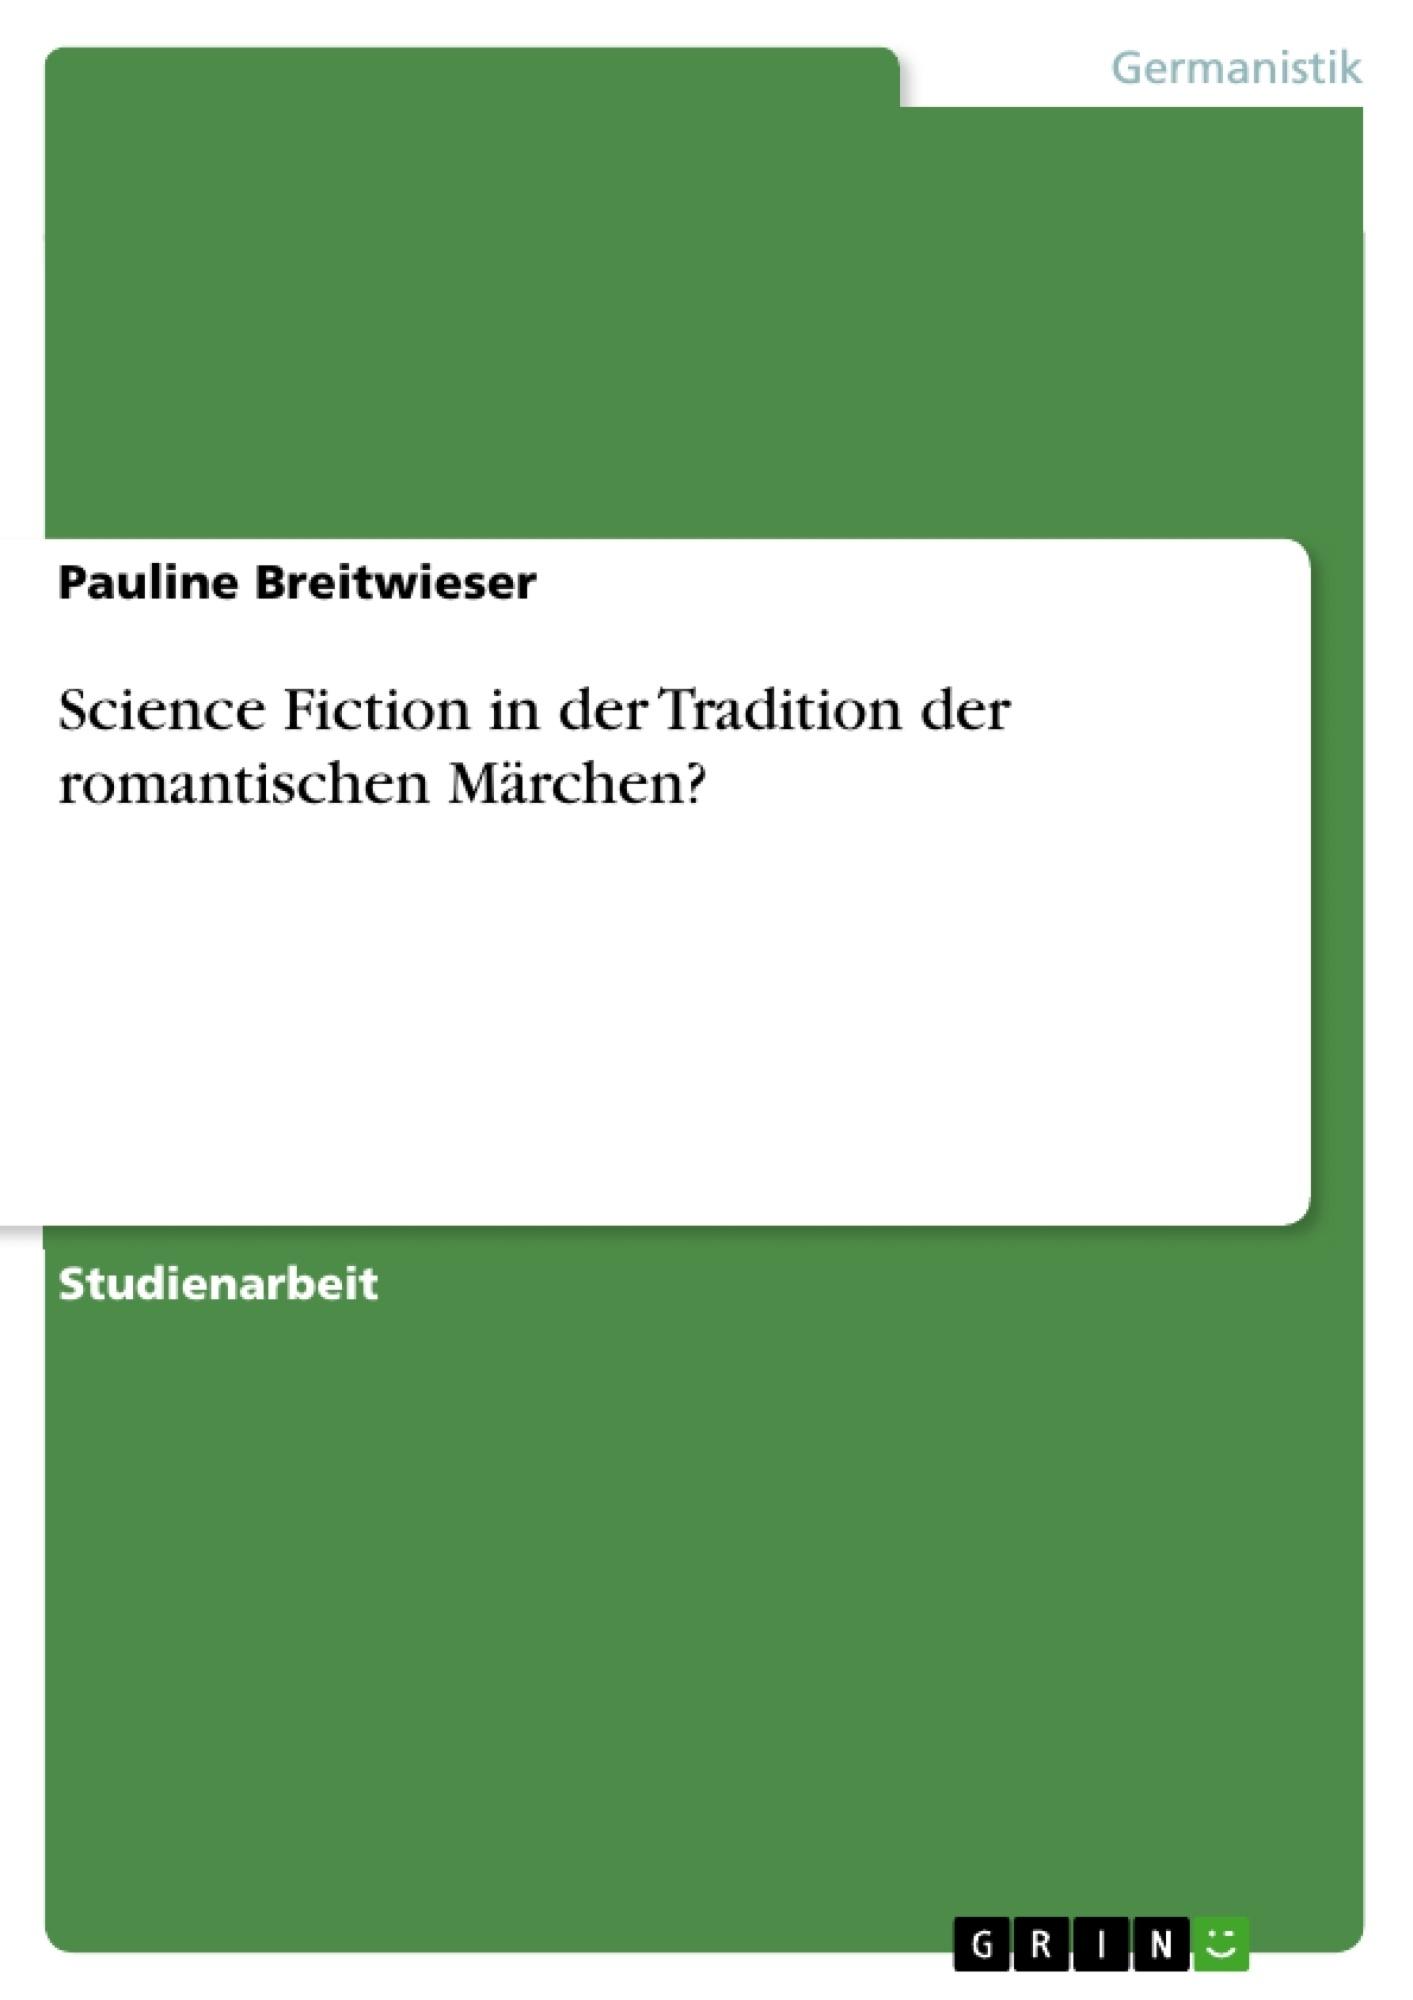 Titel: Science Fiction in der Tradition der romantischen Märchen?